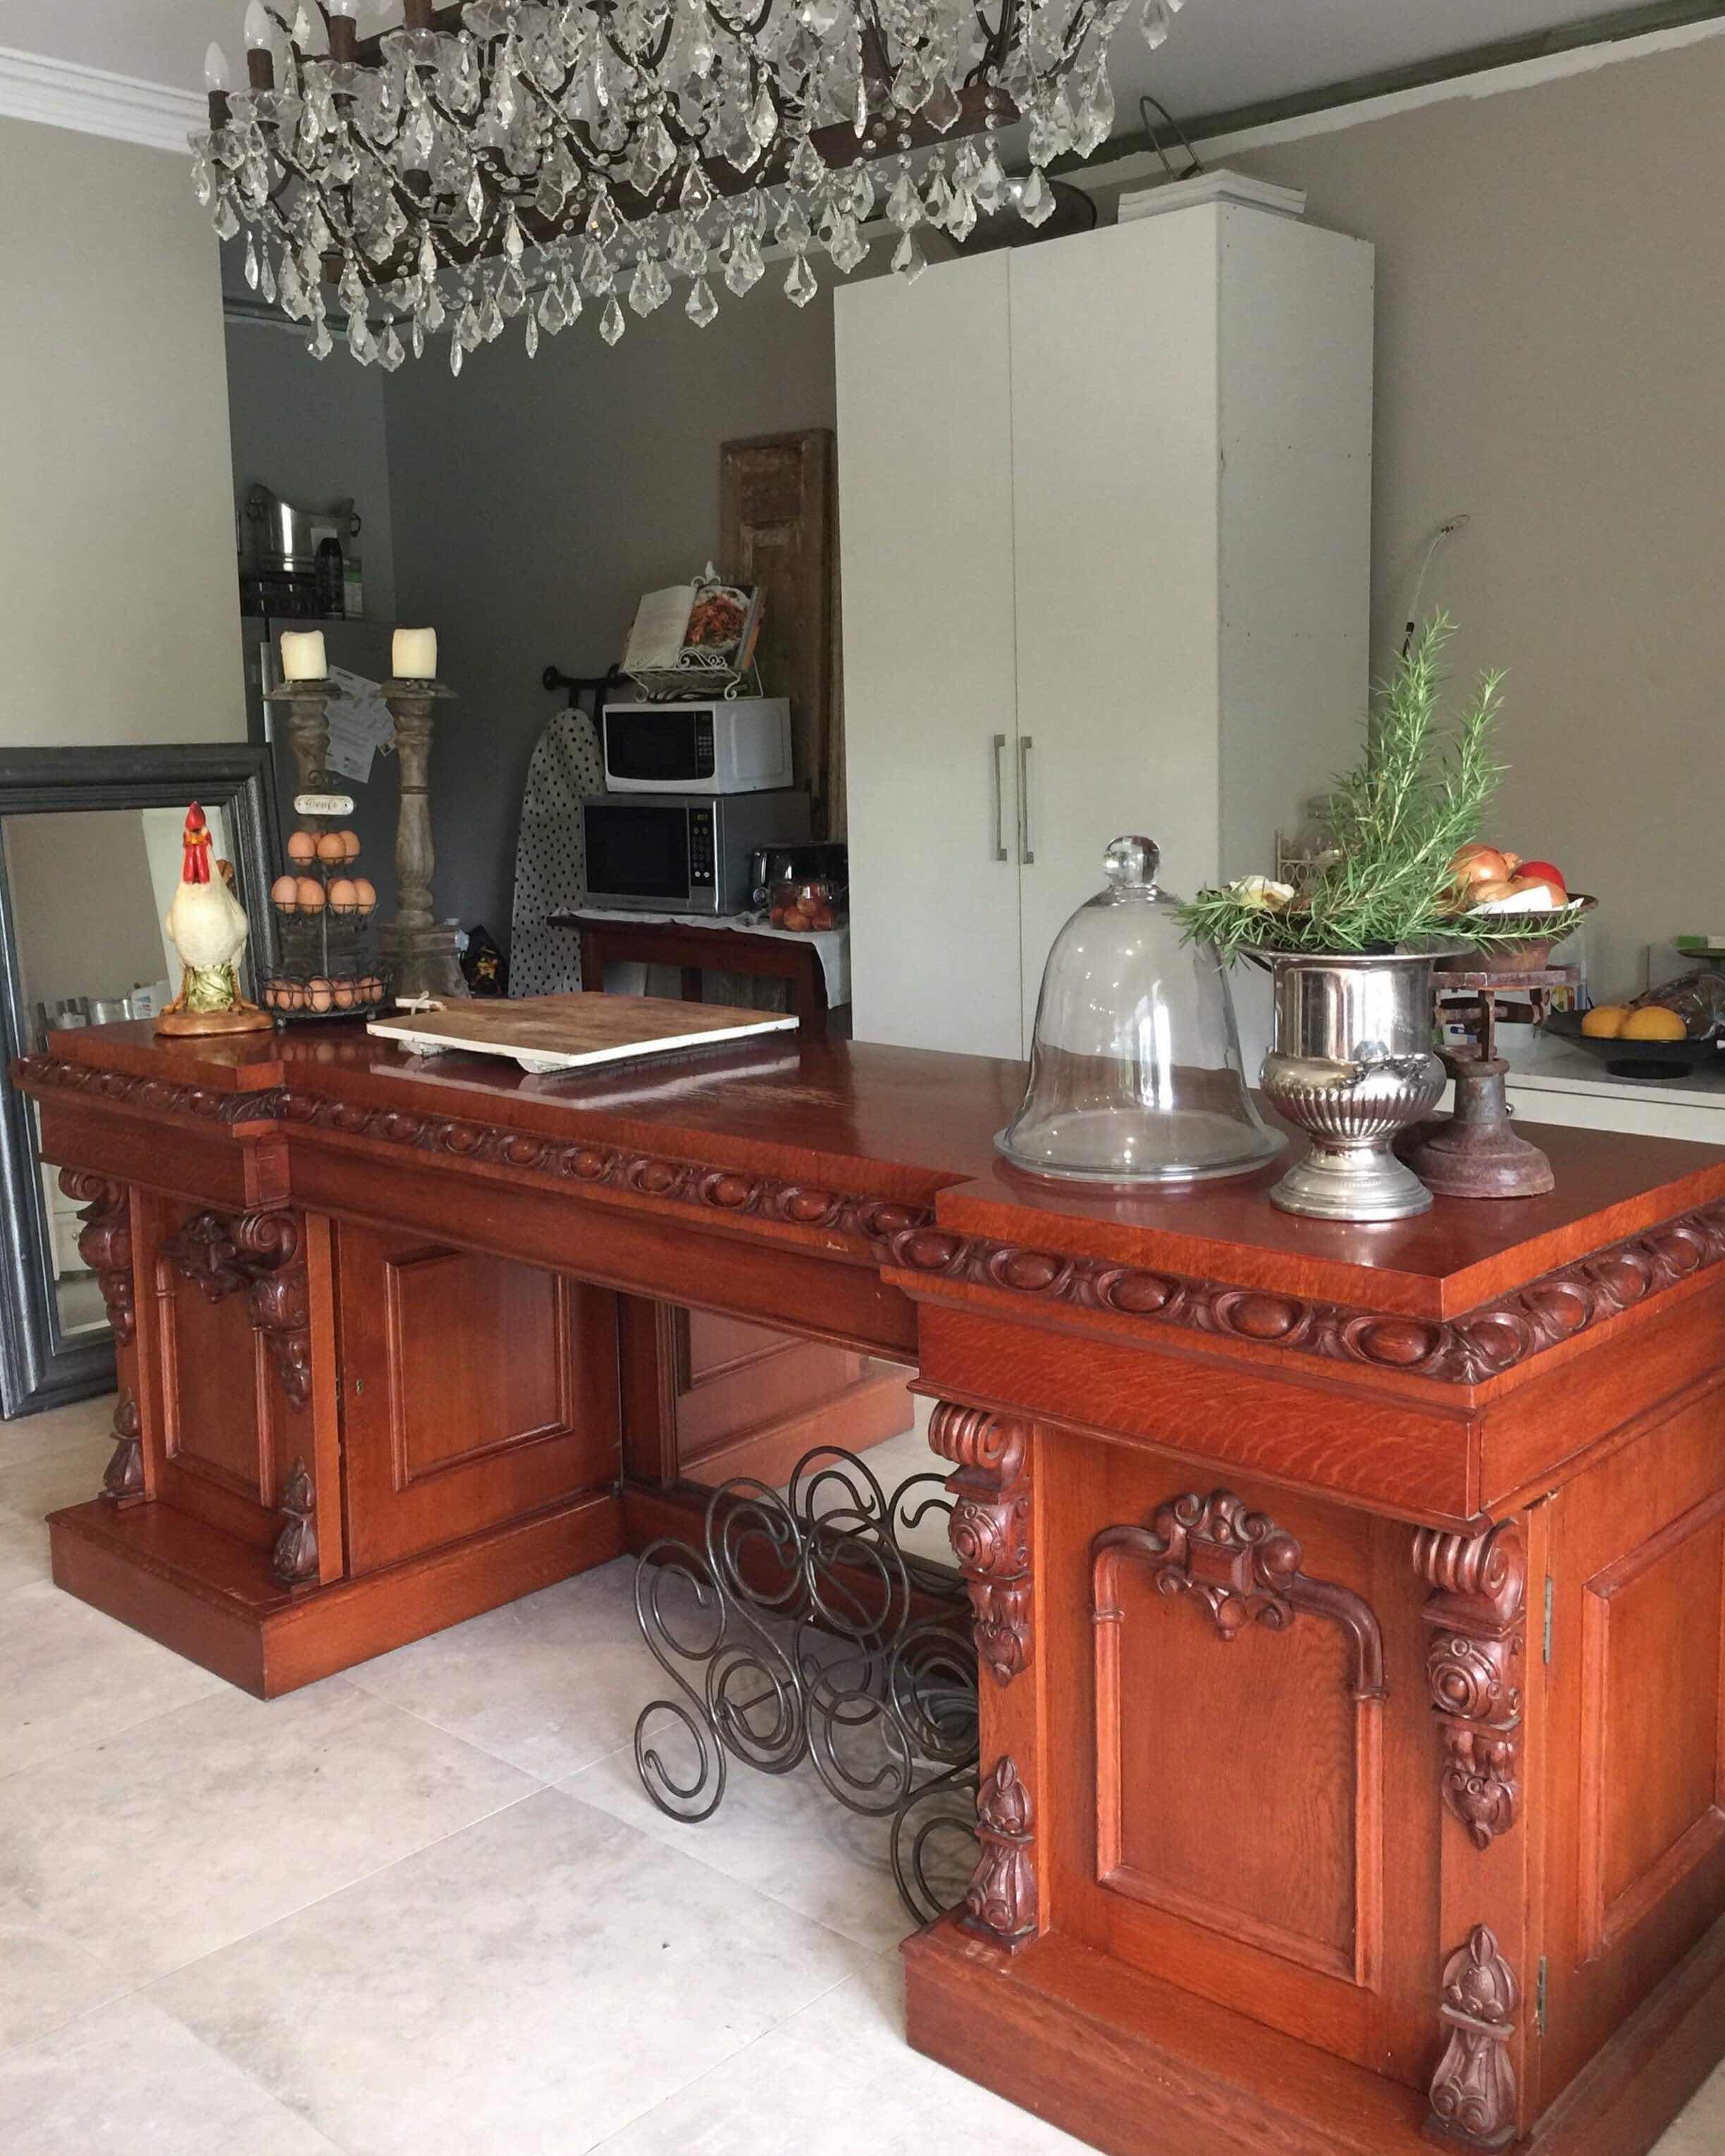 lilyfield life chiffonier kitchen island